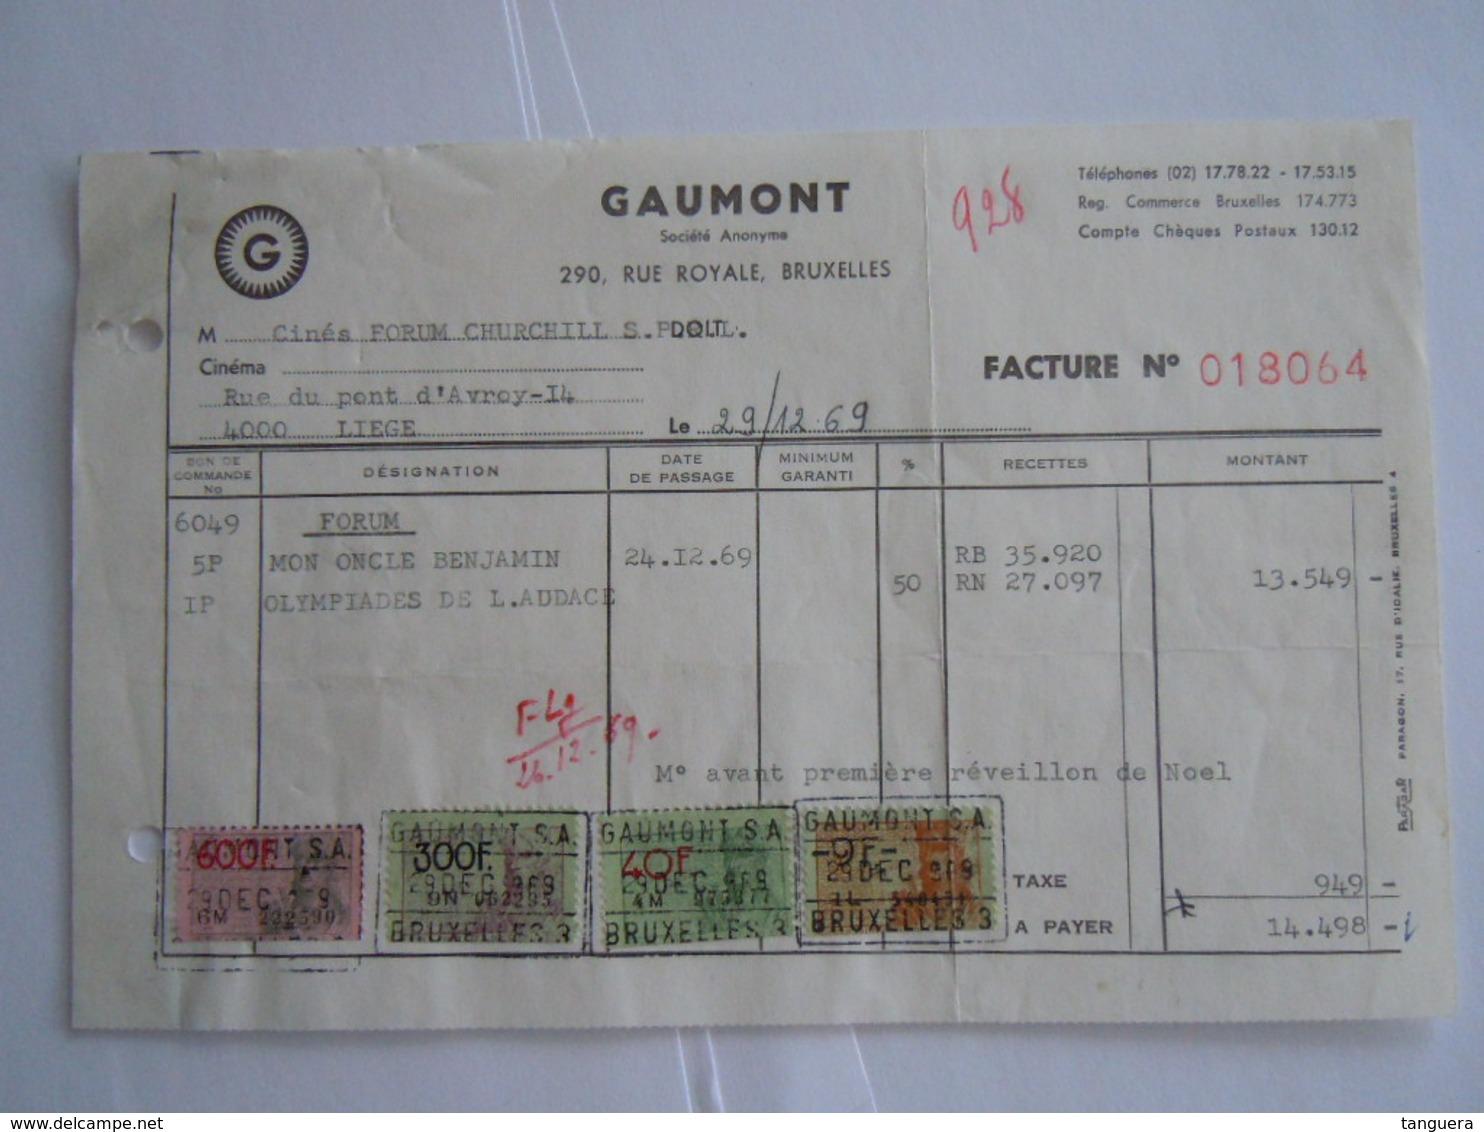 1969 Gaumont Bruxelles Films Facture Cinés Forum Churchill Liège Taxe 949 Fr - Sonstige